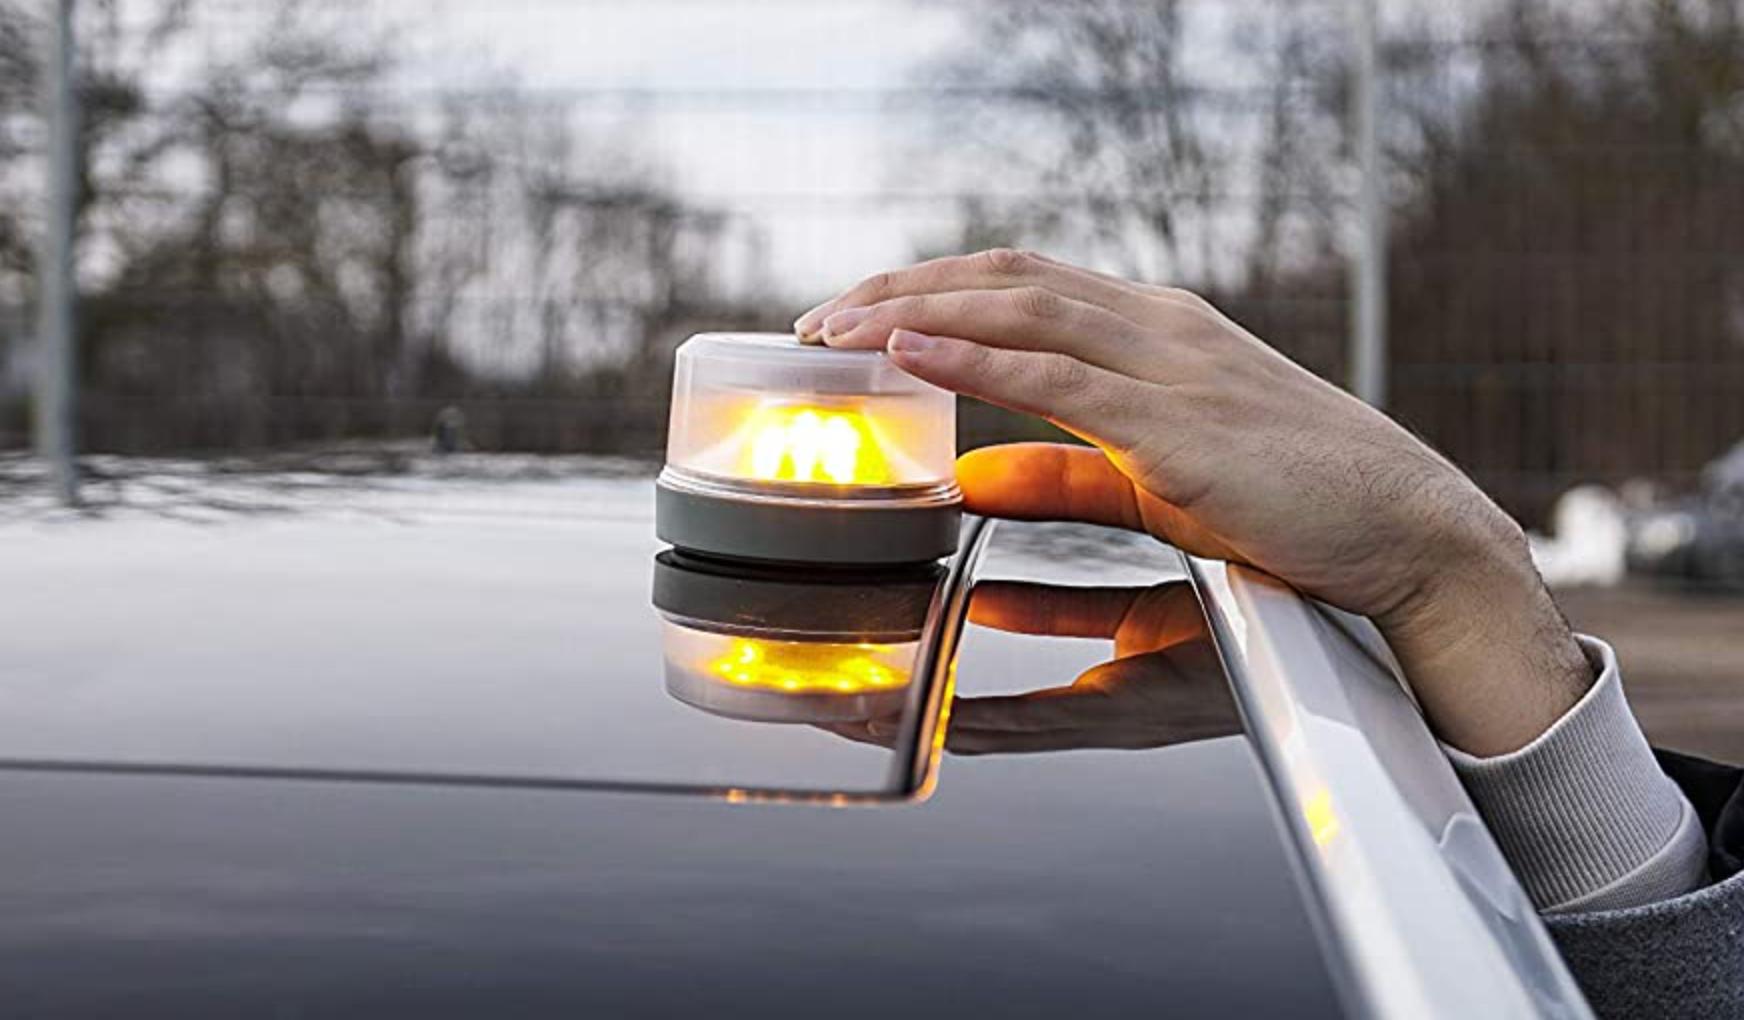 Ya puedes usar luces de emergencia V16: estas son algunas de las más  vendidas hasta ahora -- Tecnología -- Autobild.es